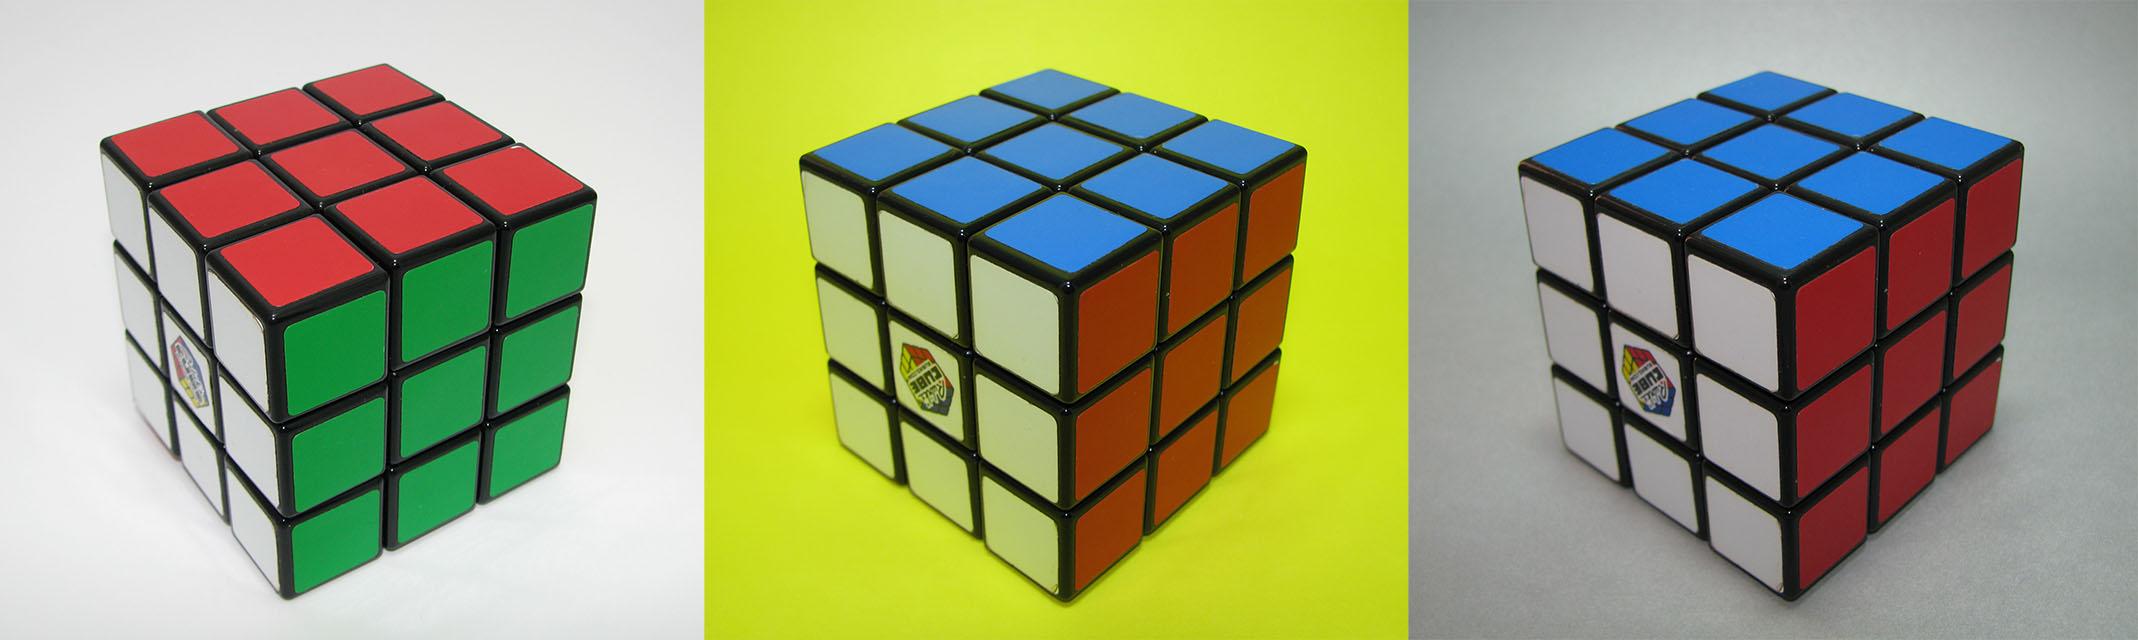 Resultados caja de luz - cubo de rubik